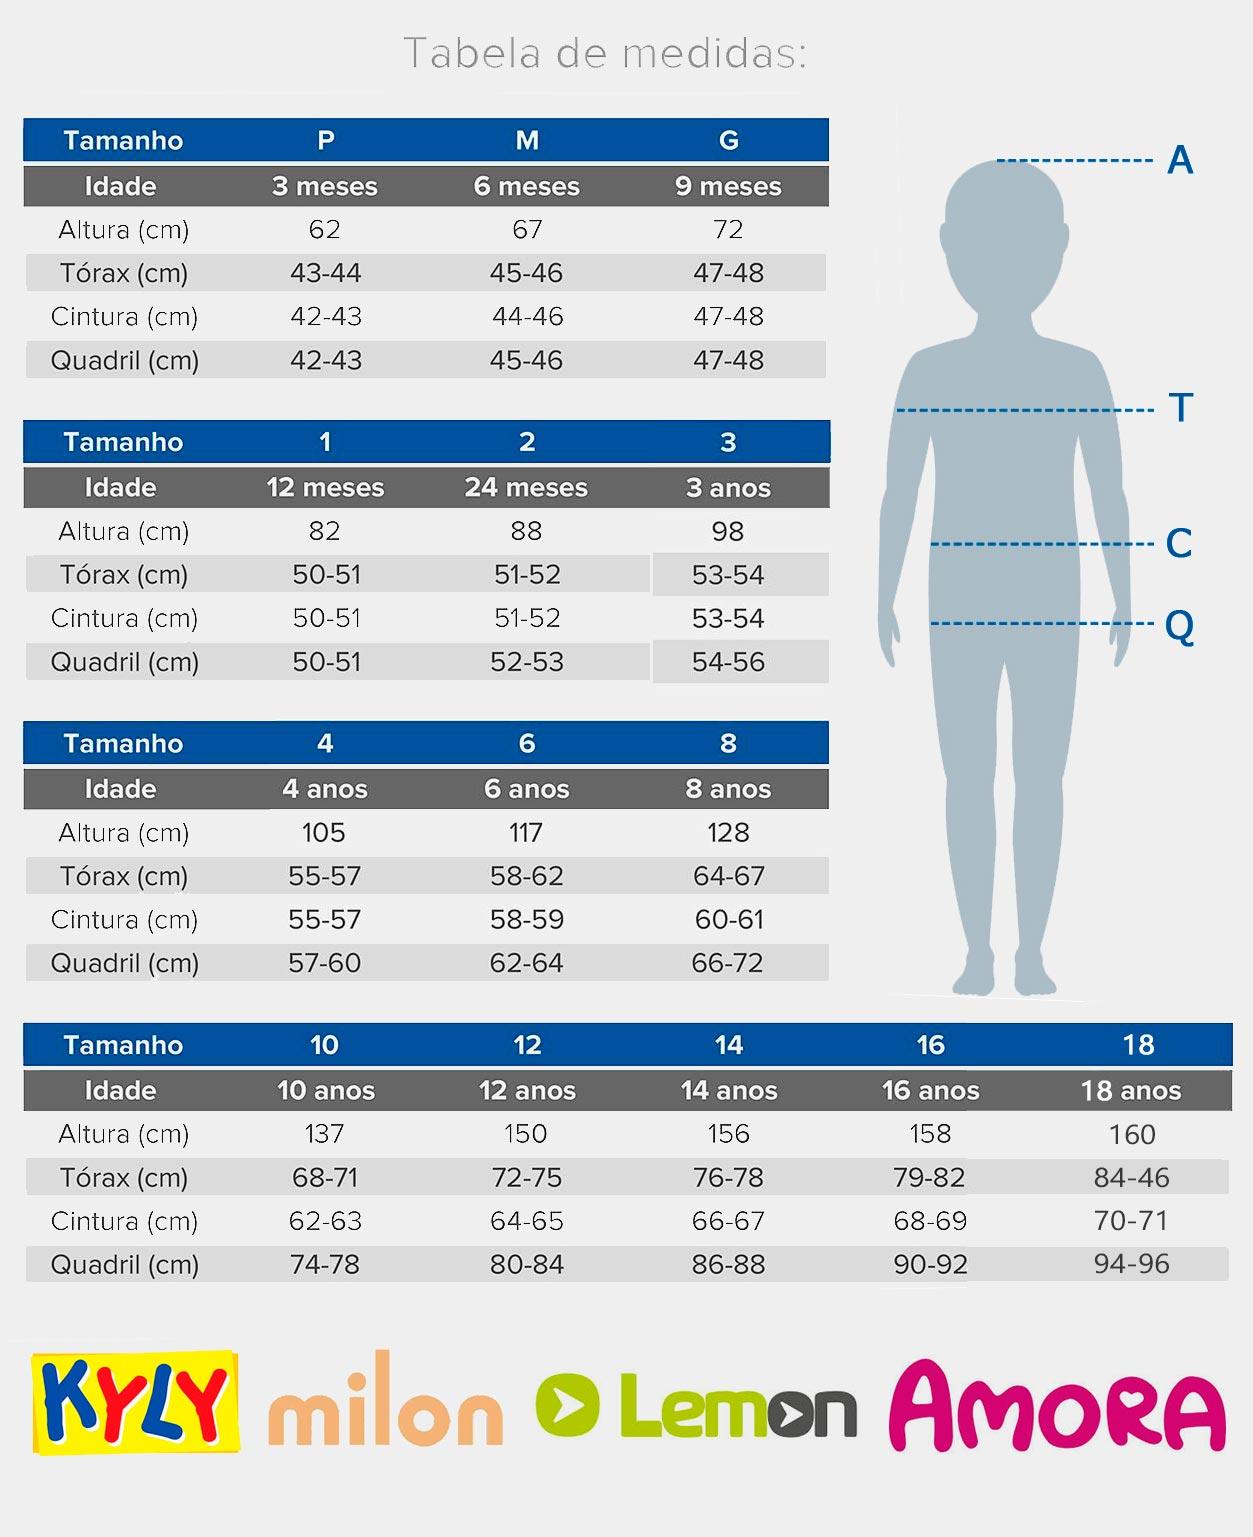 Blusa Infantil Feminina Verão Preta Follow Kyly: Tabela de medidas